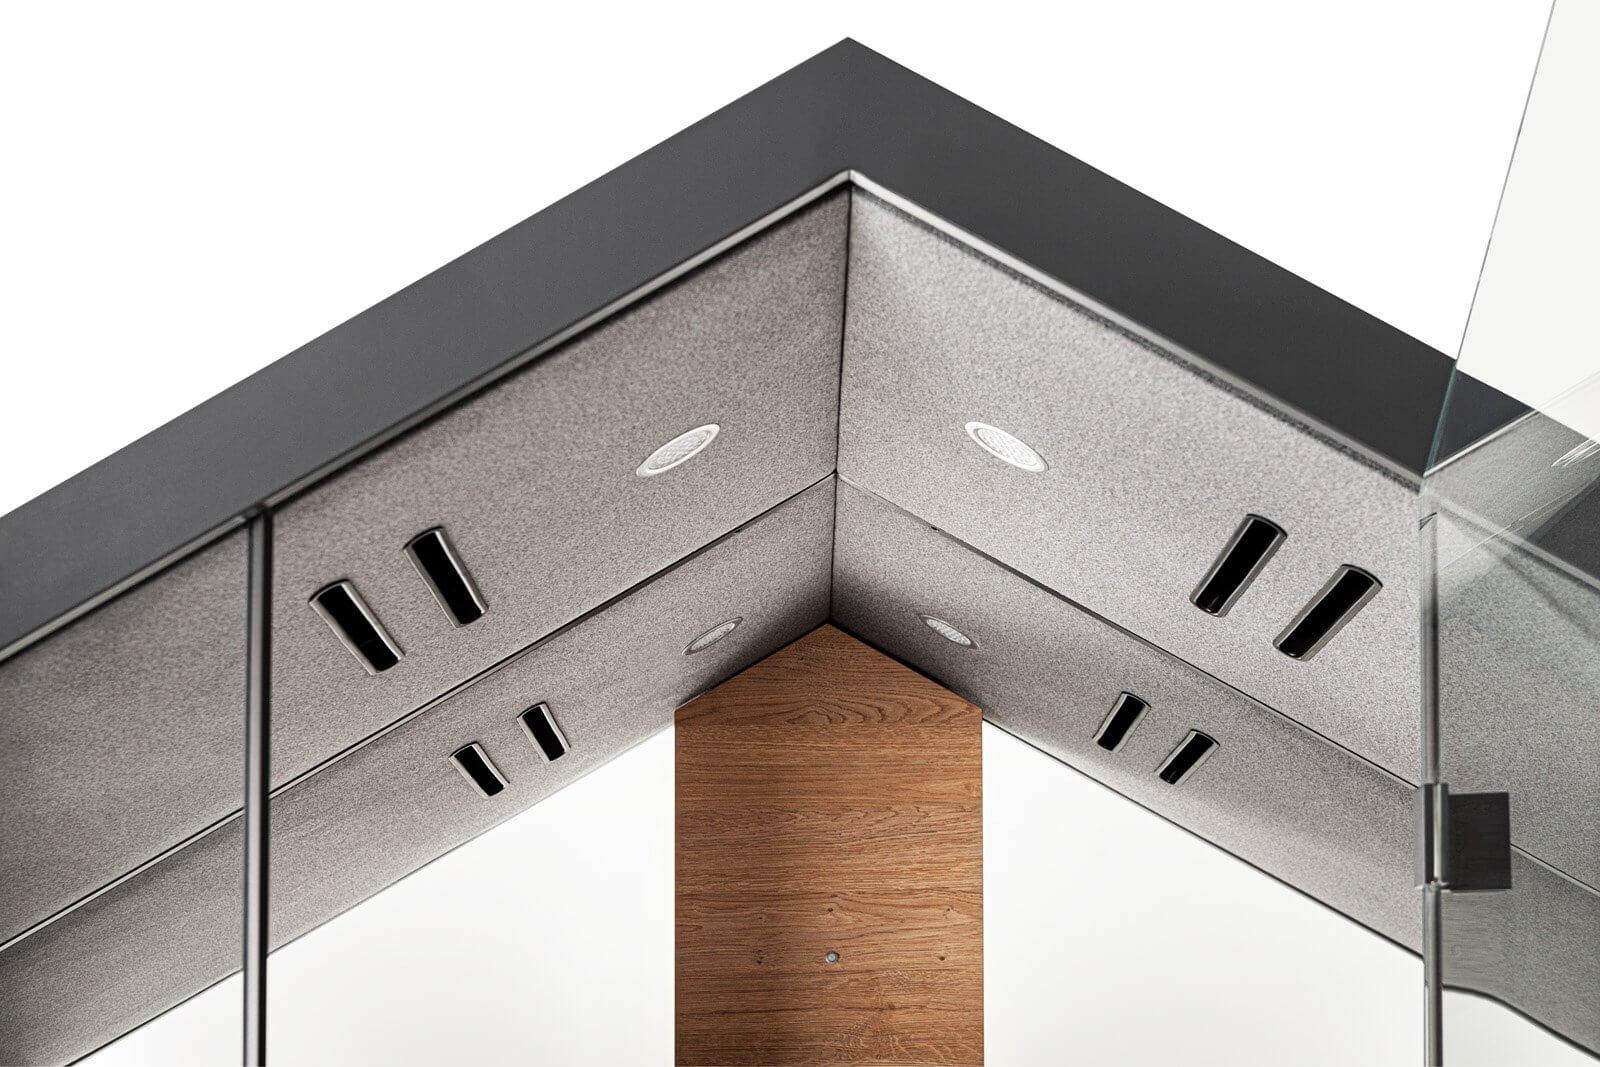 Box acoustique forme maisonnette HOME.